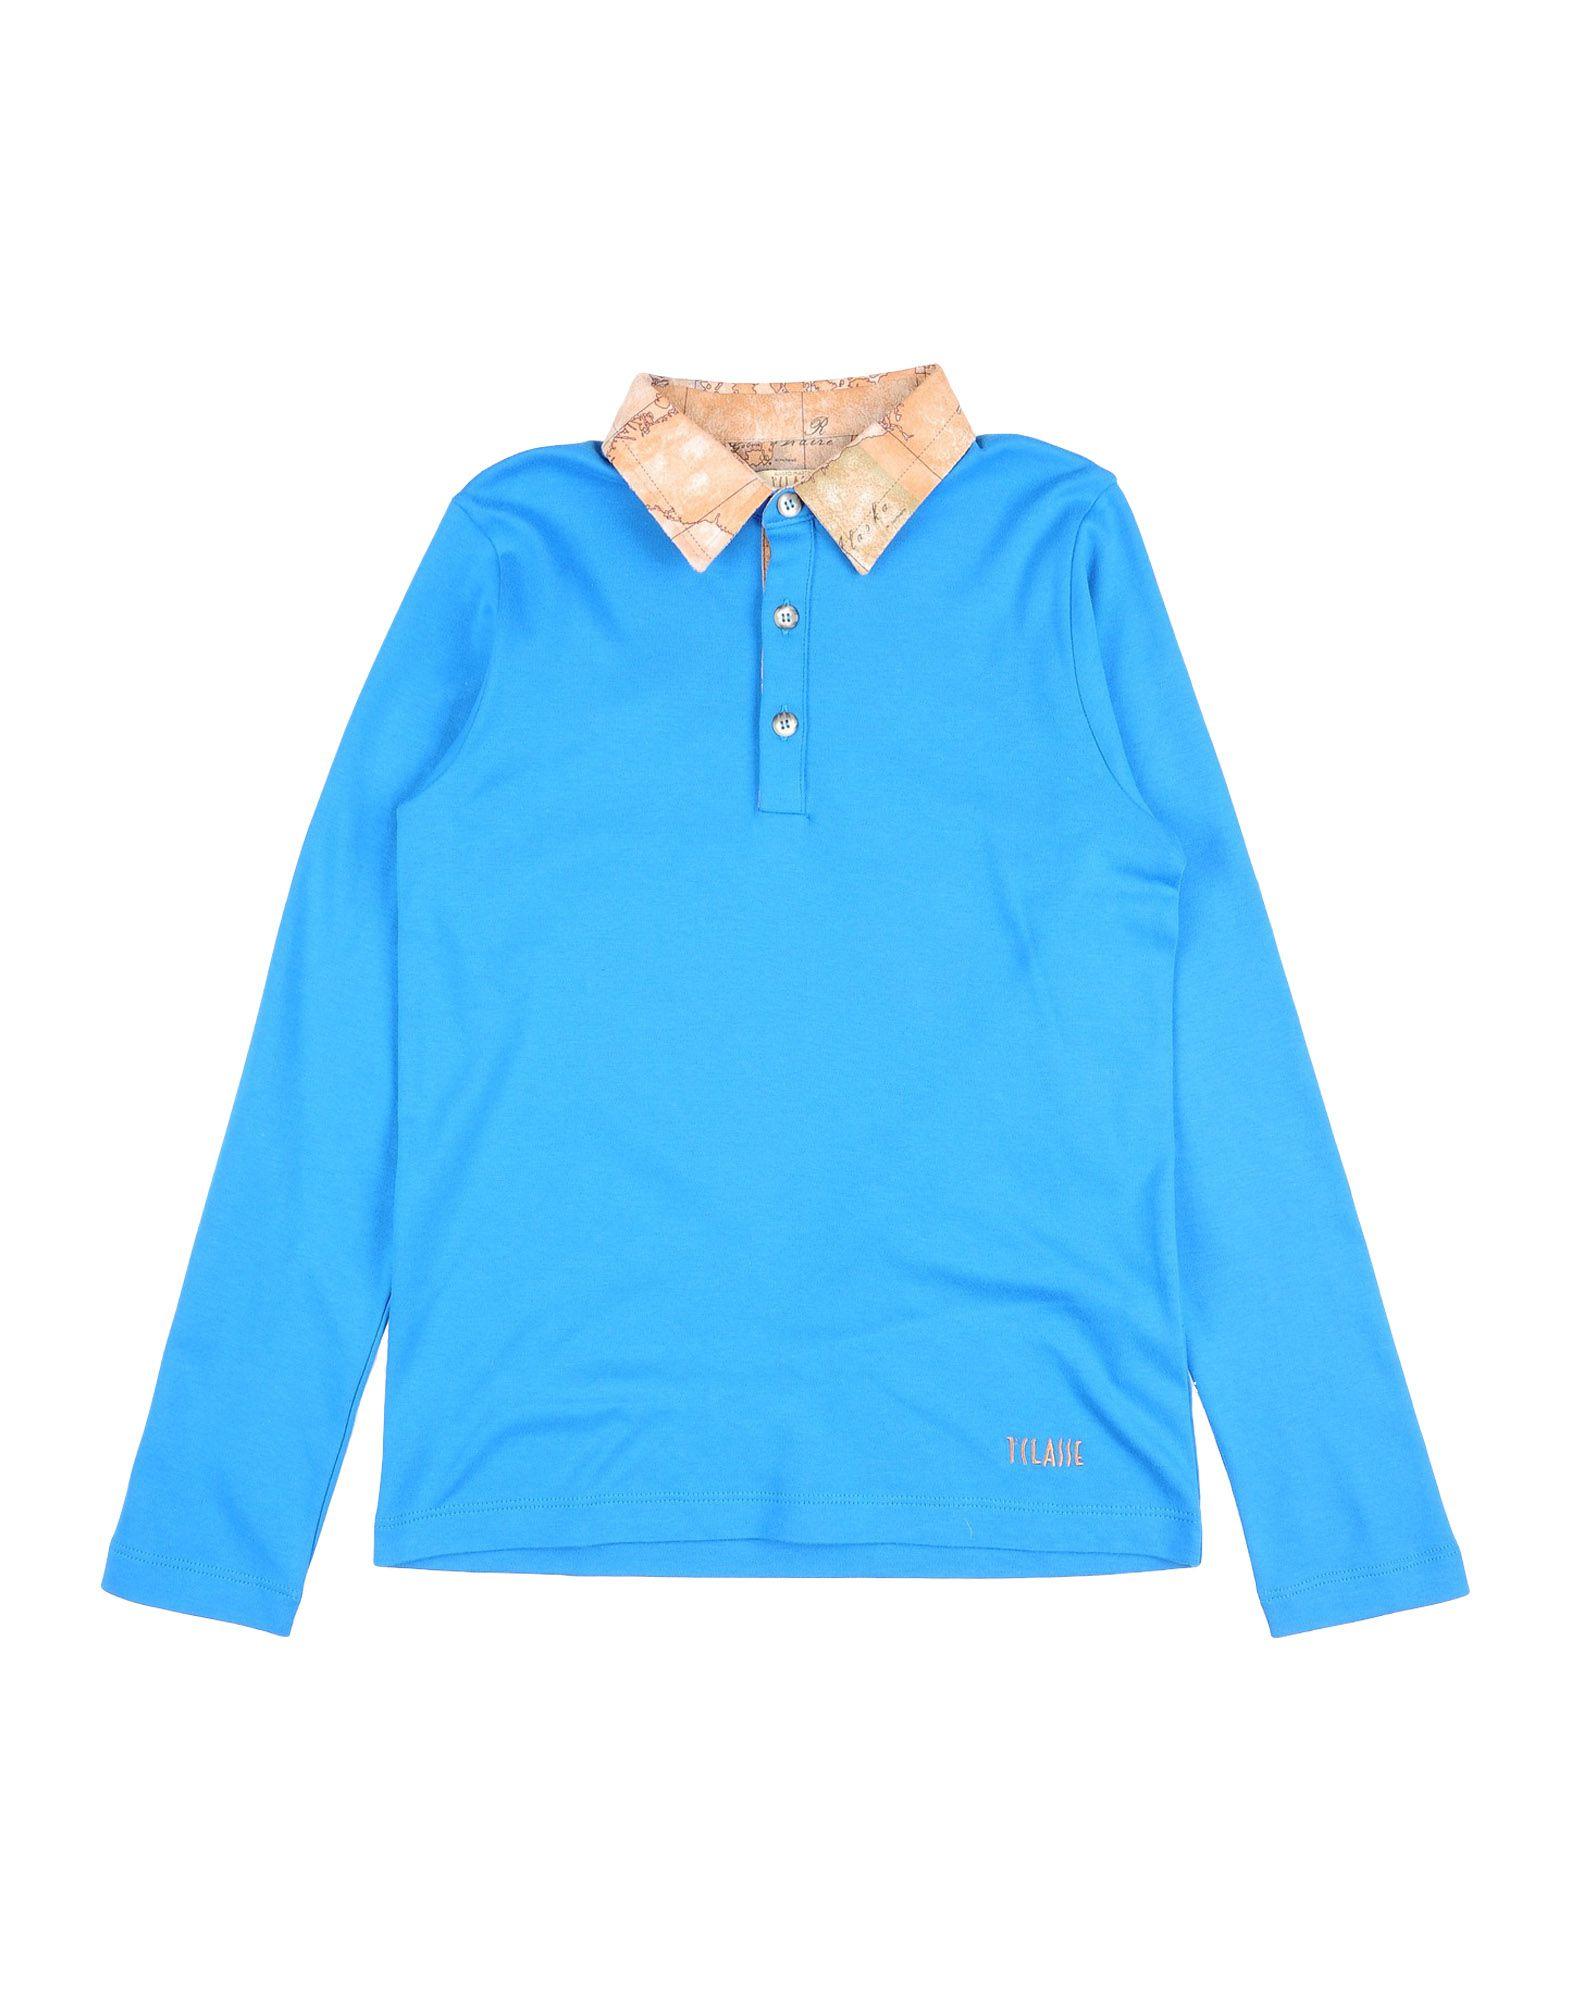 ALVIERO MARTINI 1a CLASSE Polo shirts